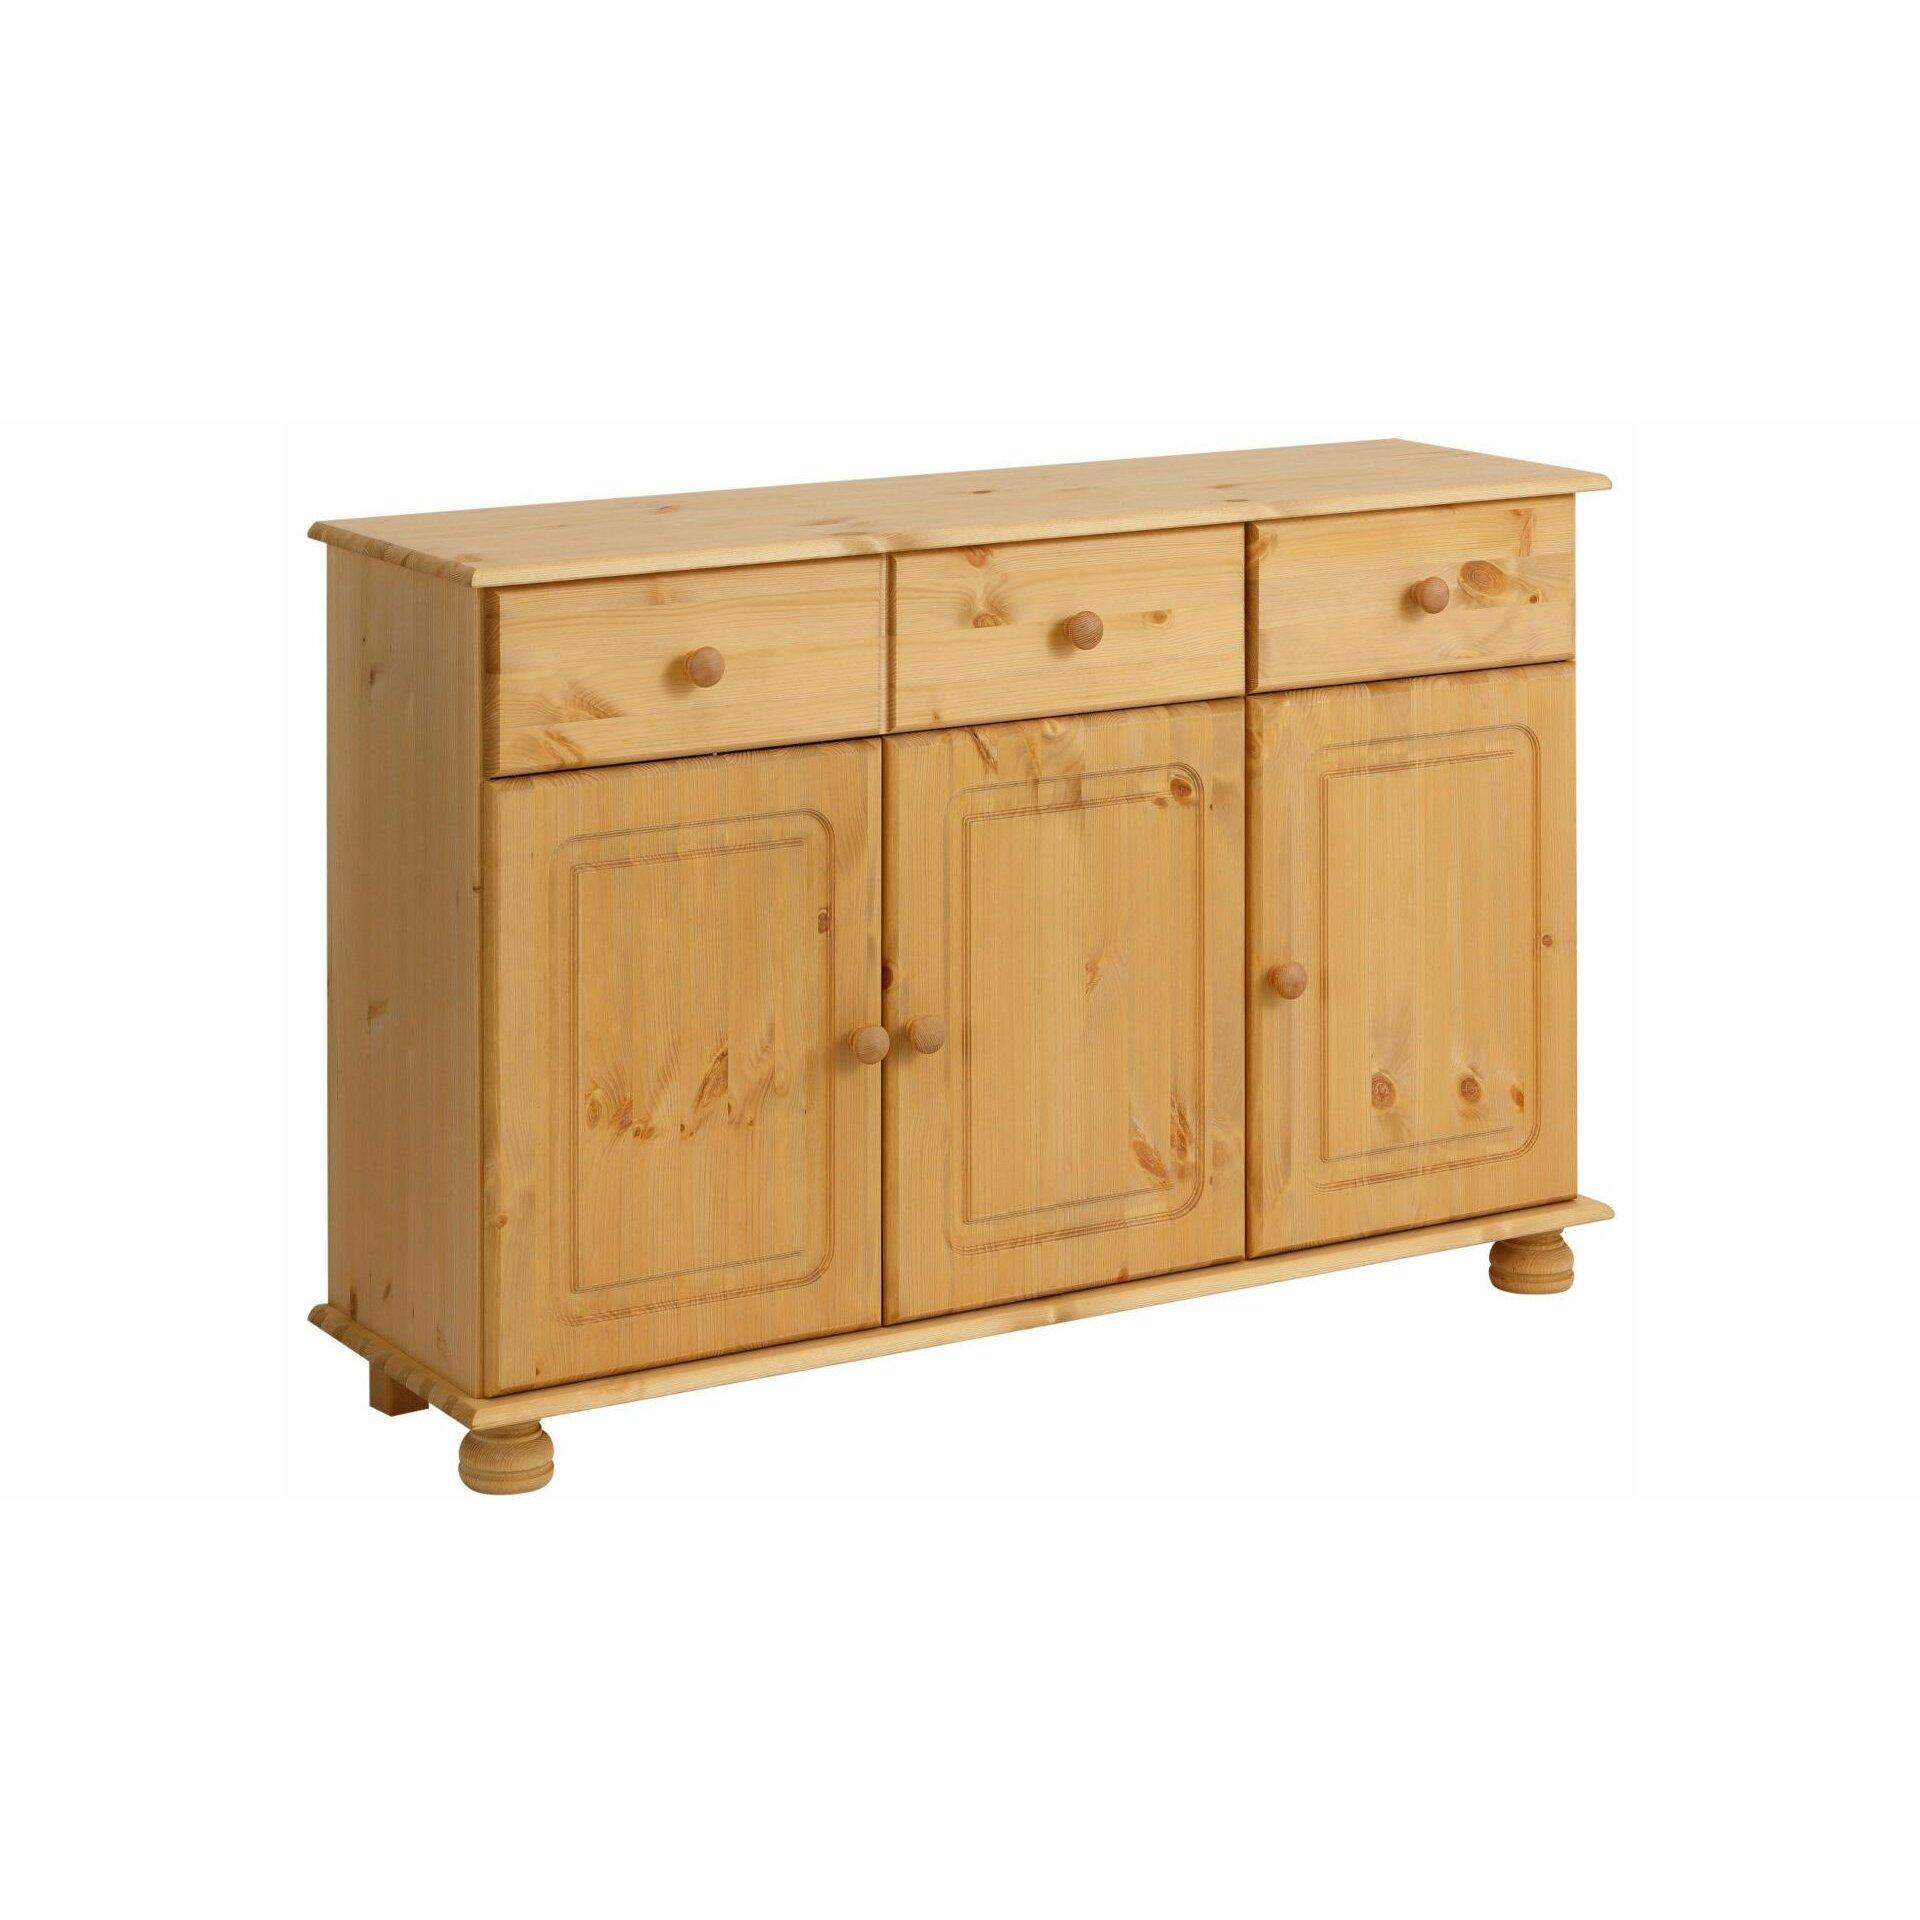 hokku designs marvel 3 door 3 drawer sideboard. Black Bedroom Furniture Sets. Home Design Ideas